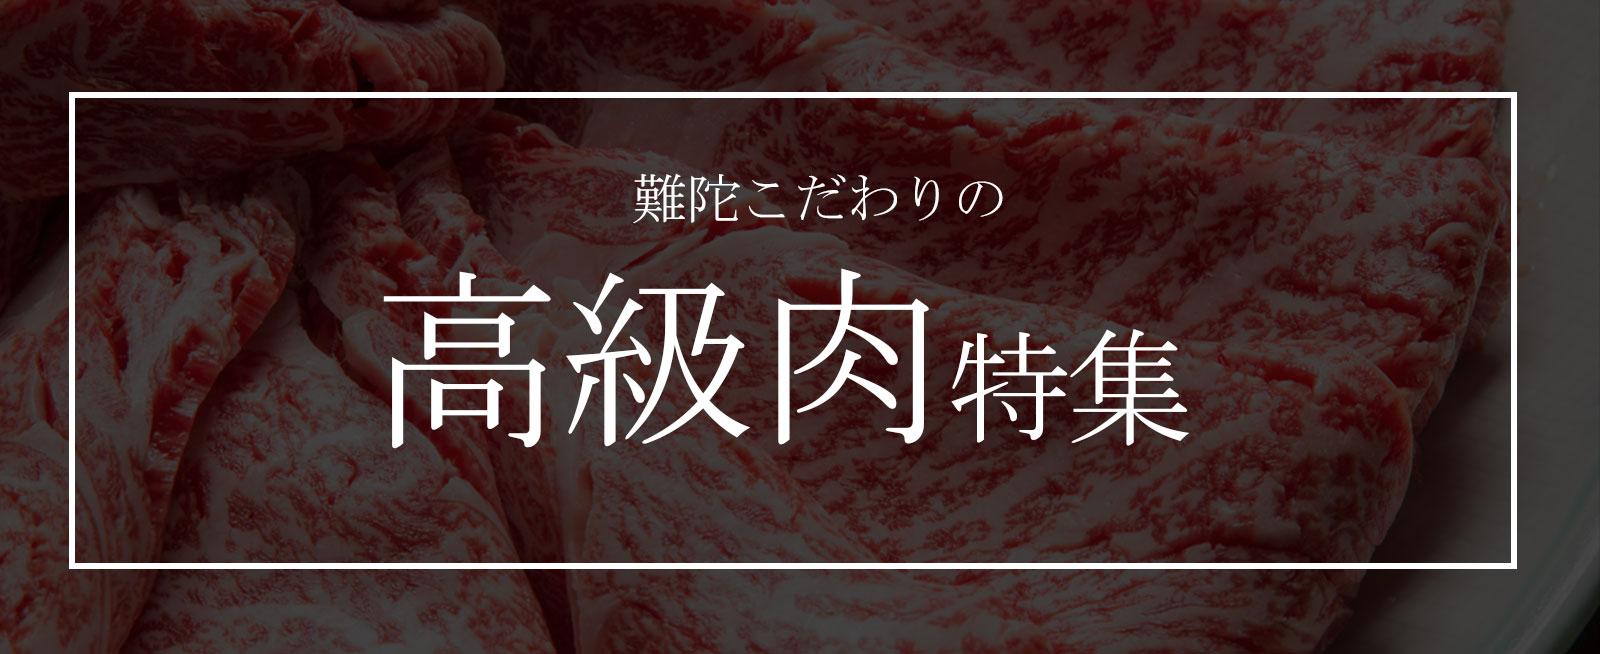 難陀の食べ放題メニュー:肉特集